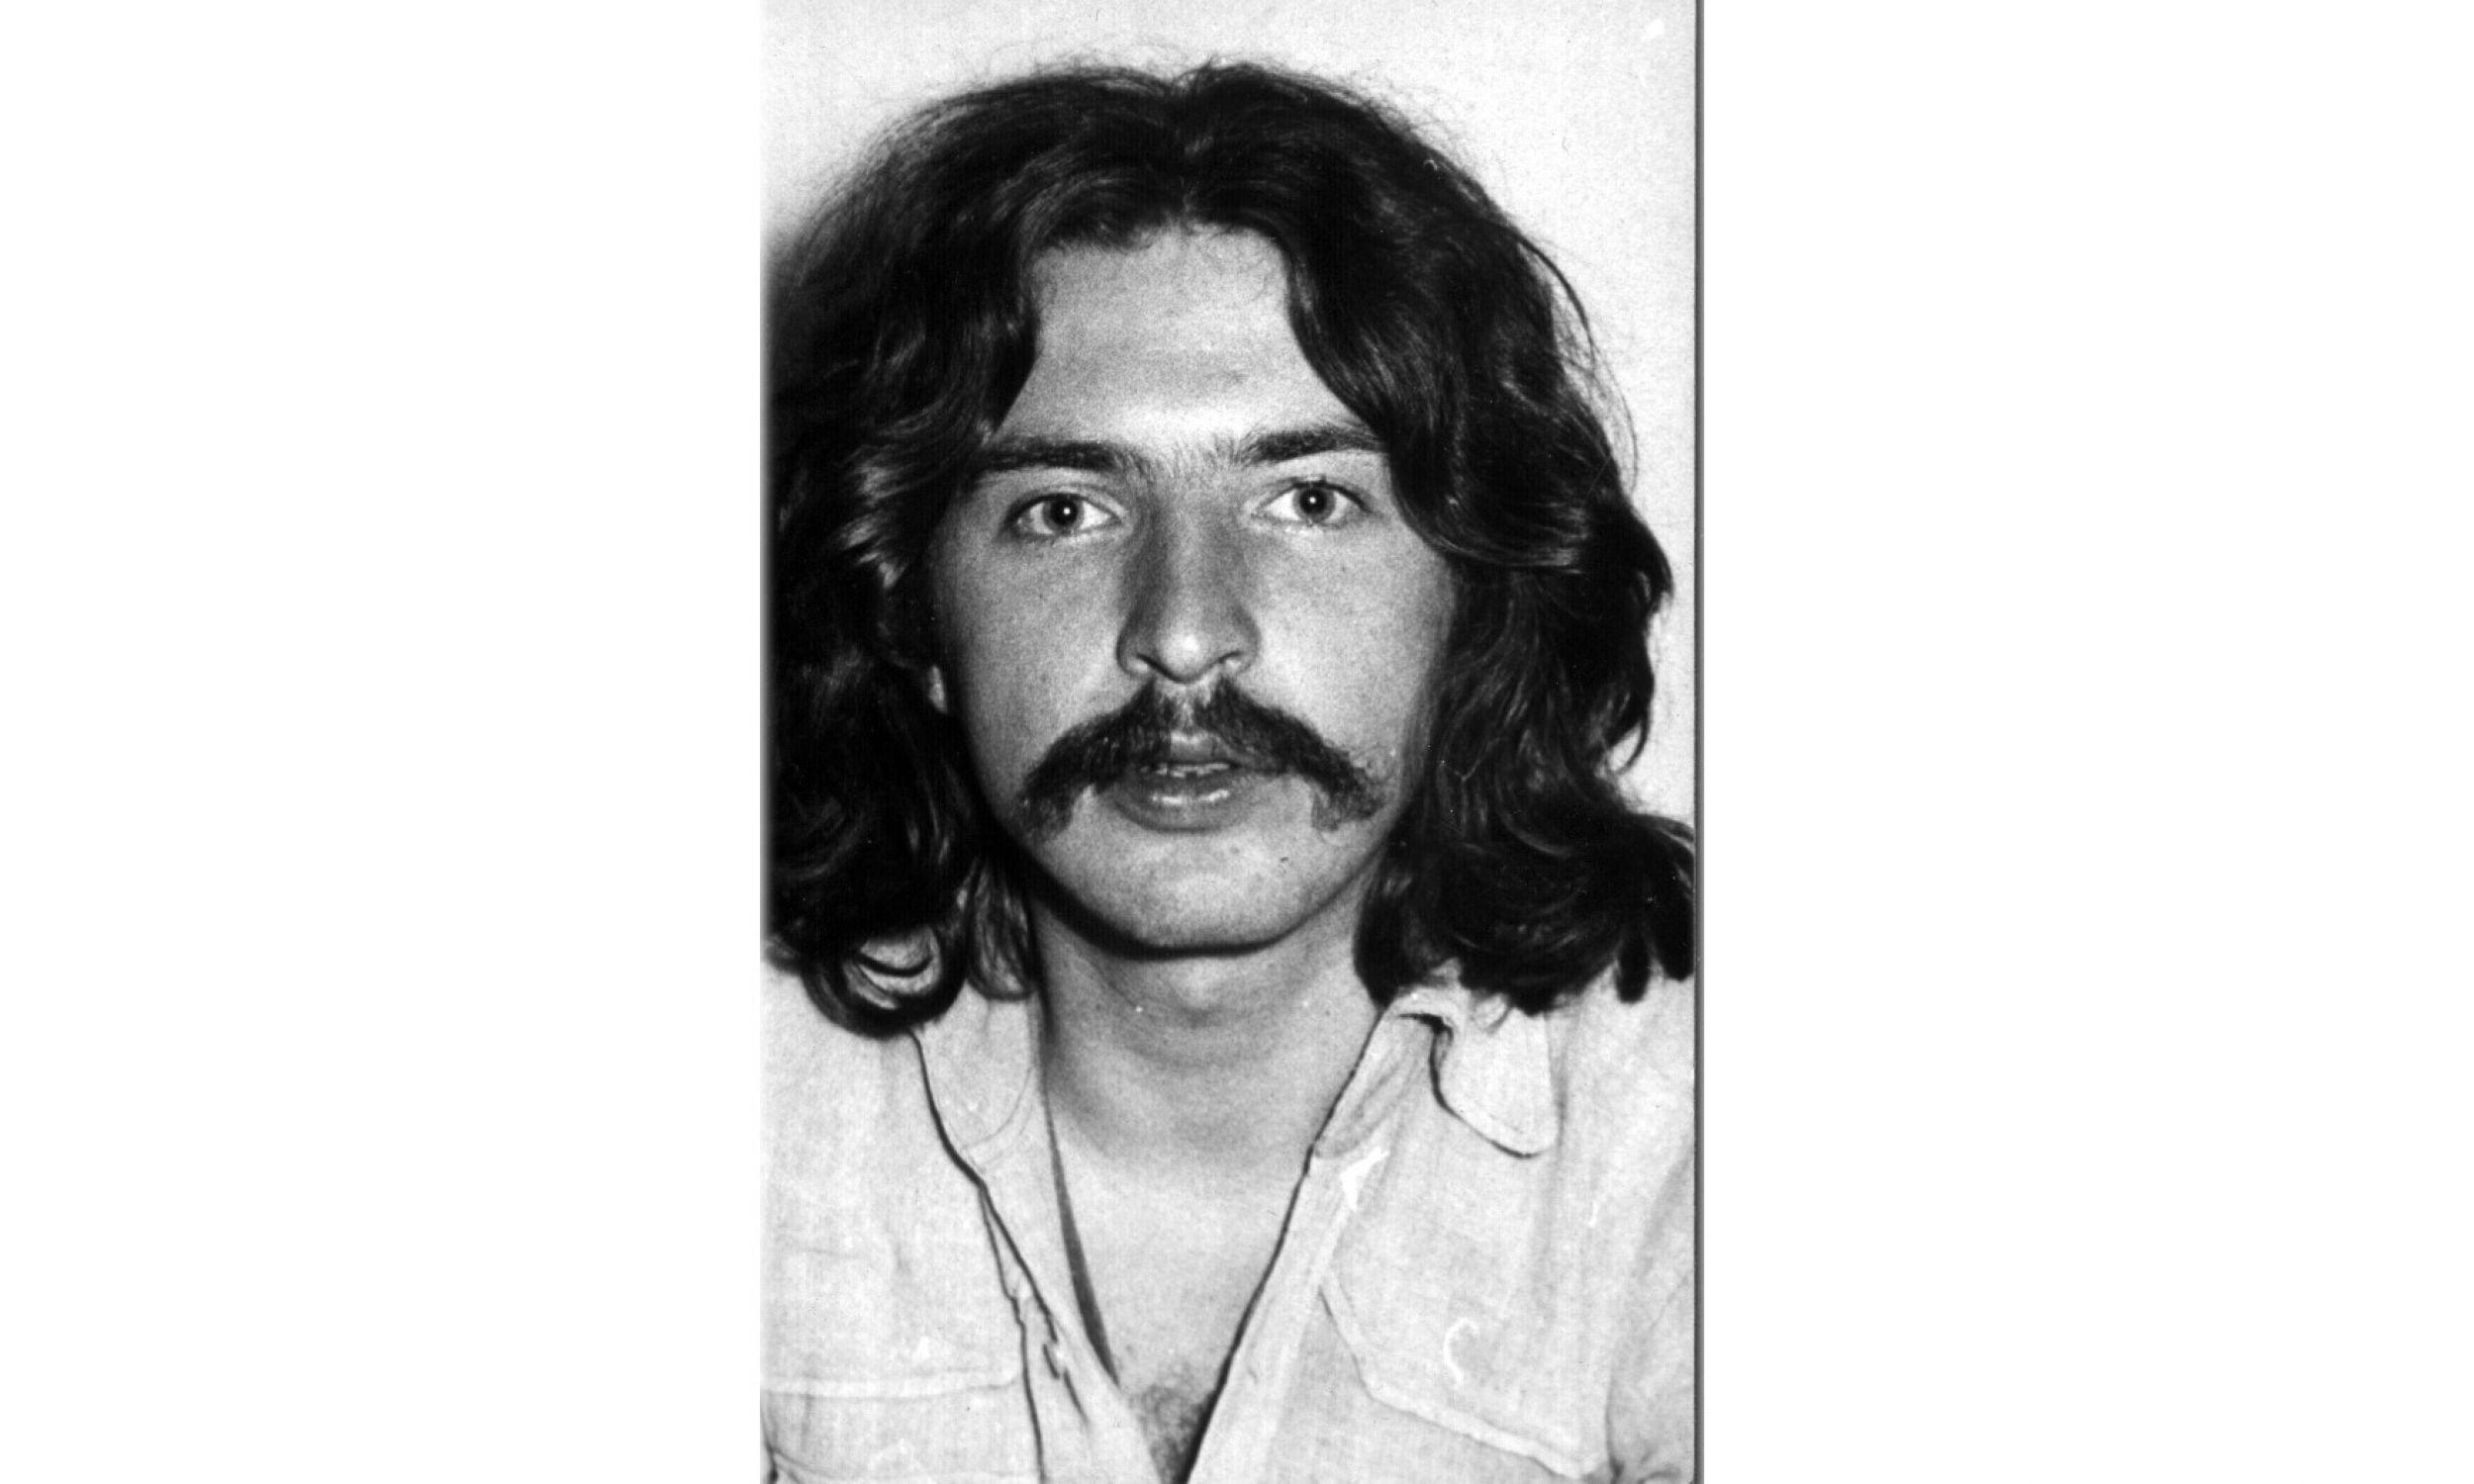 Wojtek Belon w 1971 roku. Fot. Bogdan Ptak, Busko-Zdrój - Praca własna, CC BY-SA 3.0, https://commons.wikimedia.org/w/index.php?curid=4212398